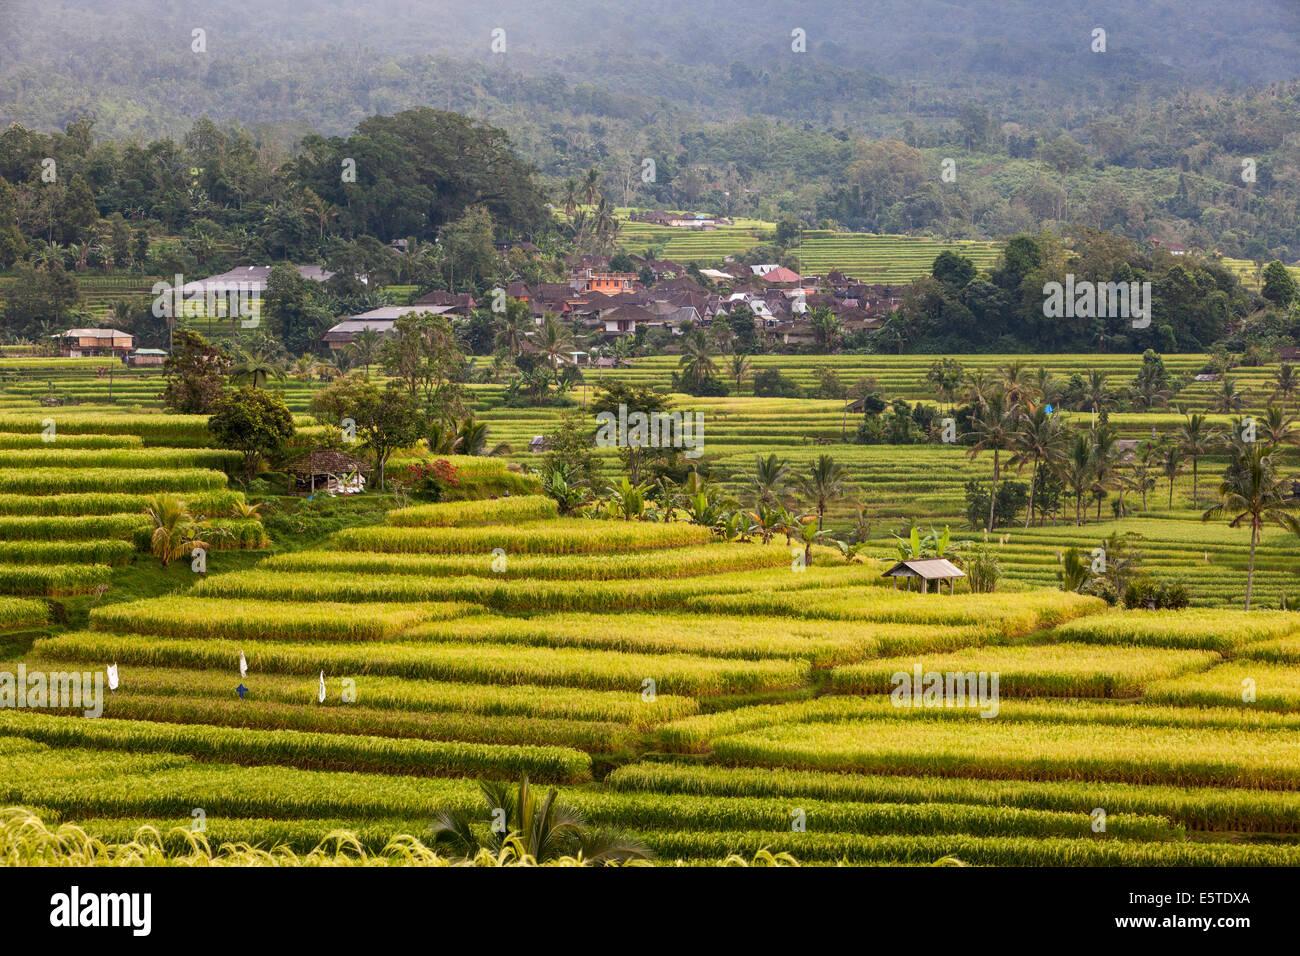 Jatiluwih, Bali, Indonesien.  Reisterrassen.  Dorf im Hintergrund. Stockbild